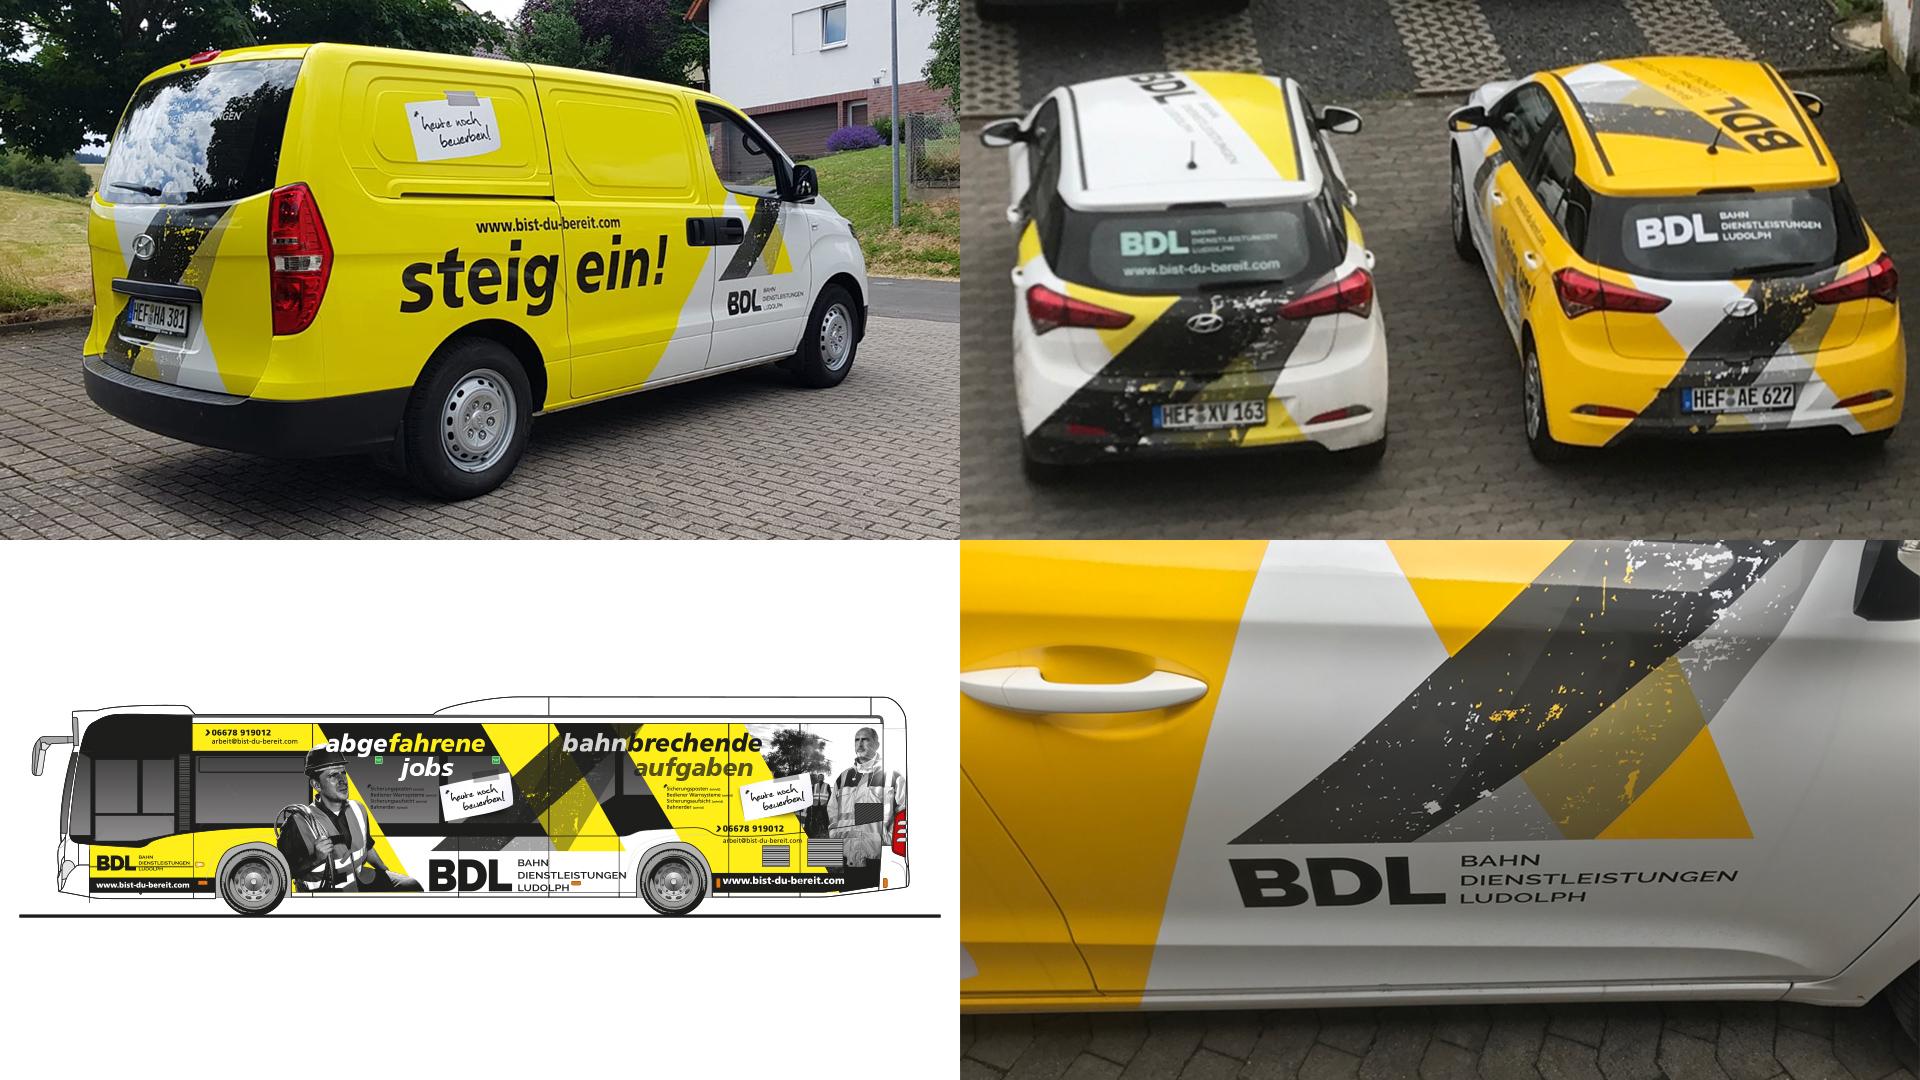 Fahrzeugbeschriftung, Carwrapping für BDL Bahndienstleistungen Ludolph GmbH